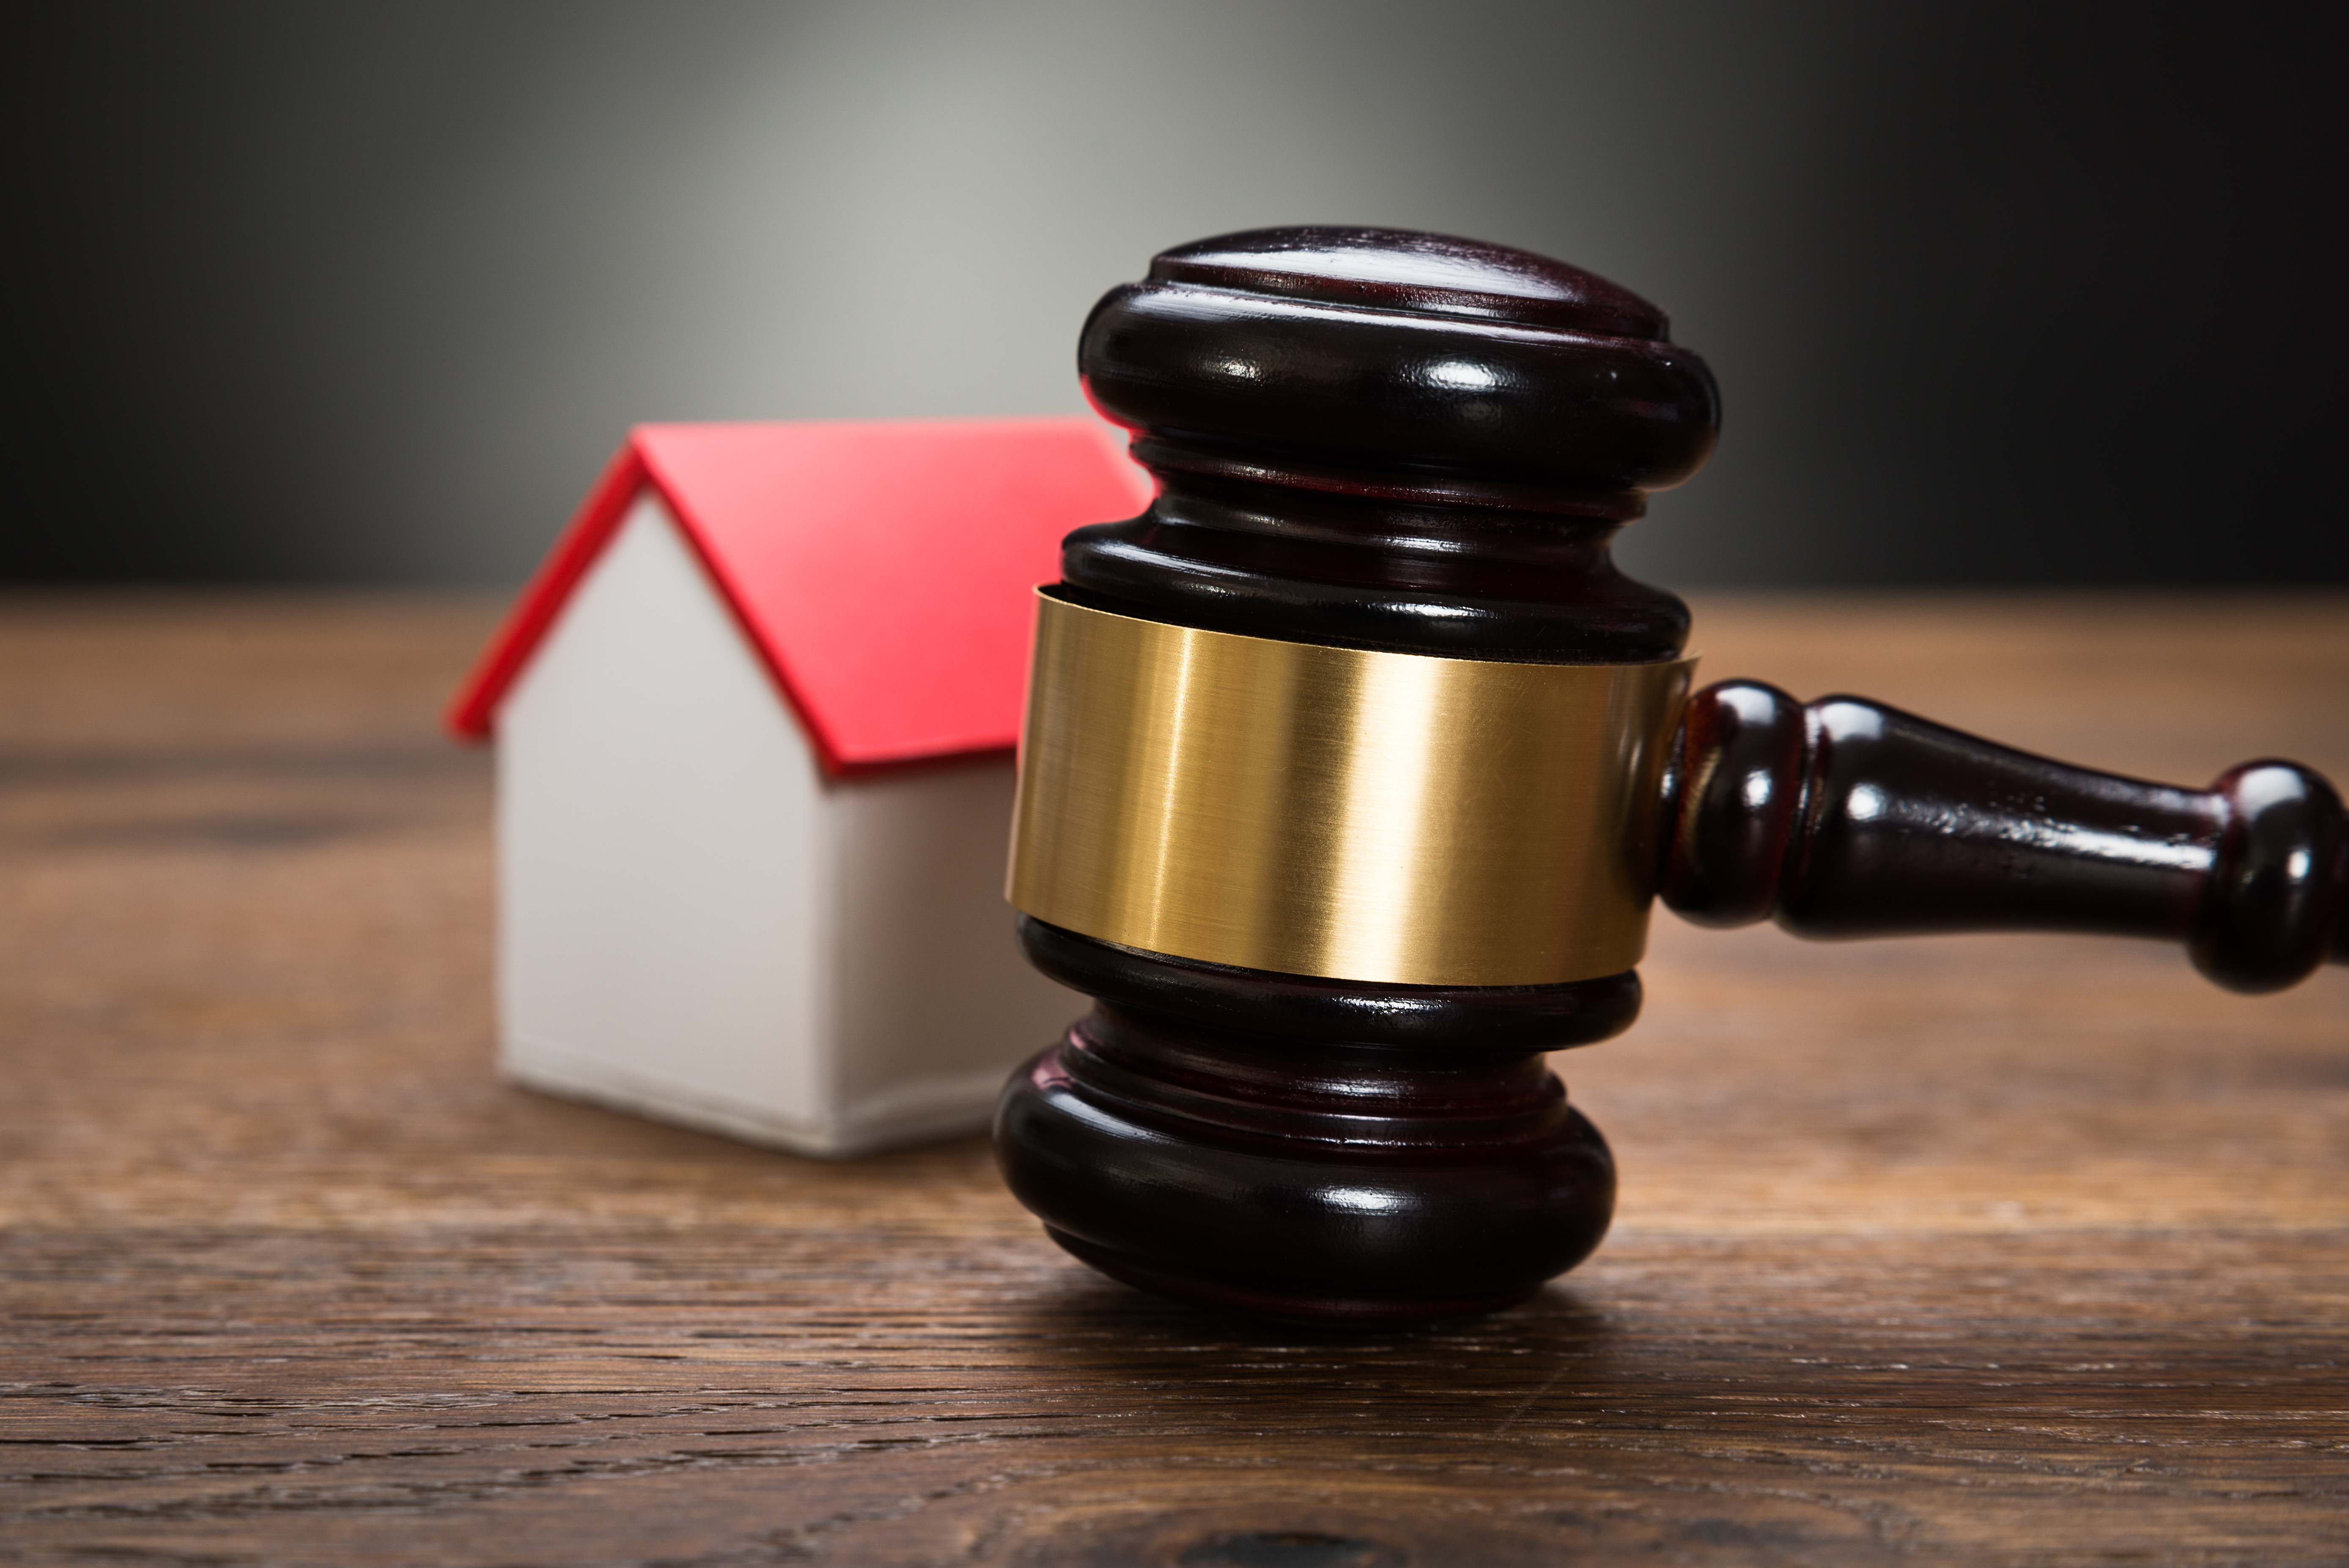 Cosa ha detto la Cassazione con la sentenza n. 22671/2019